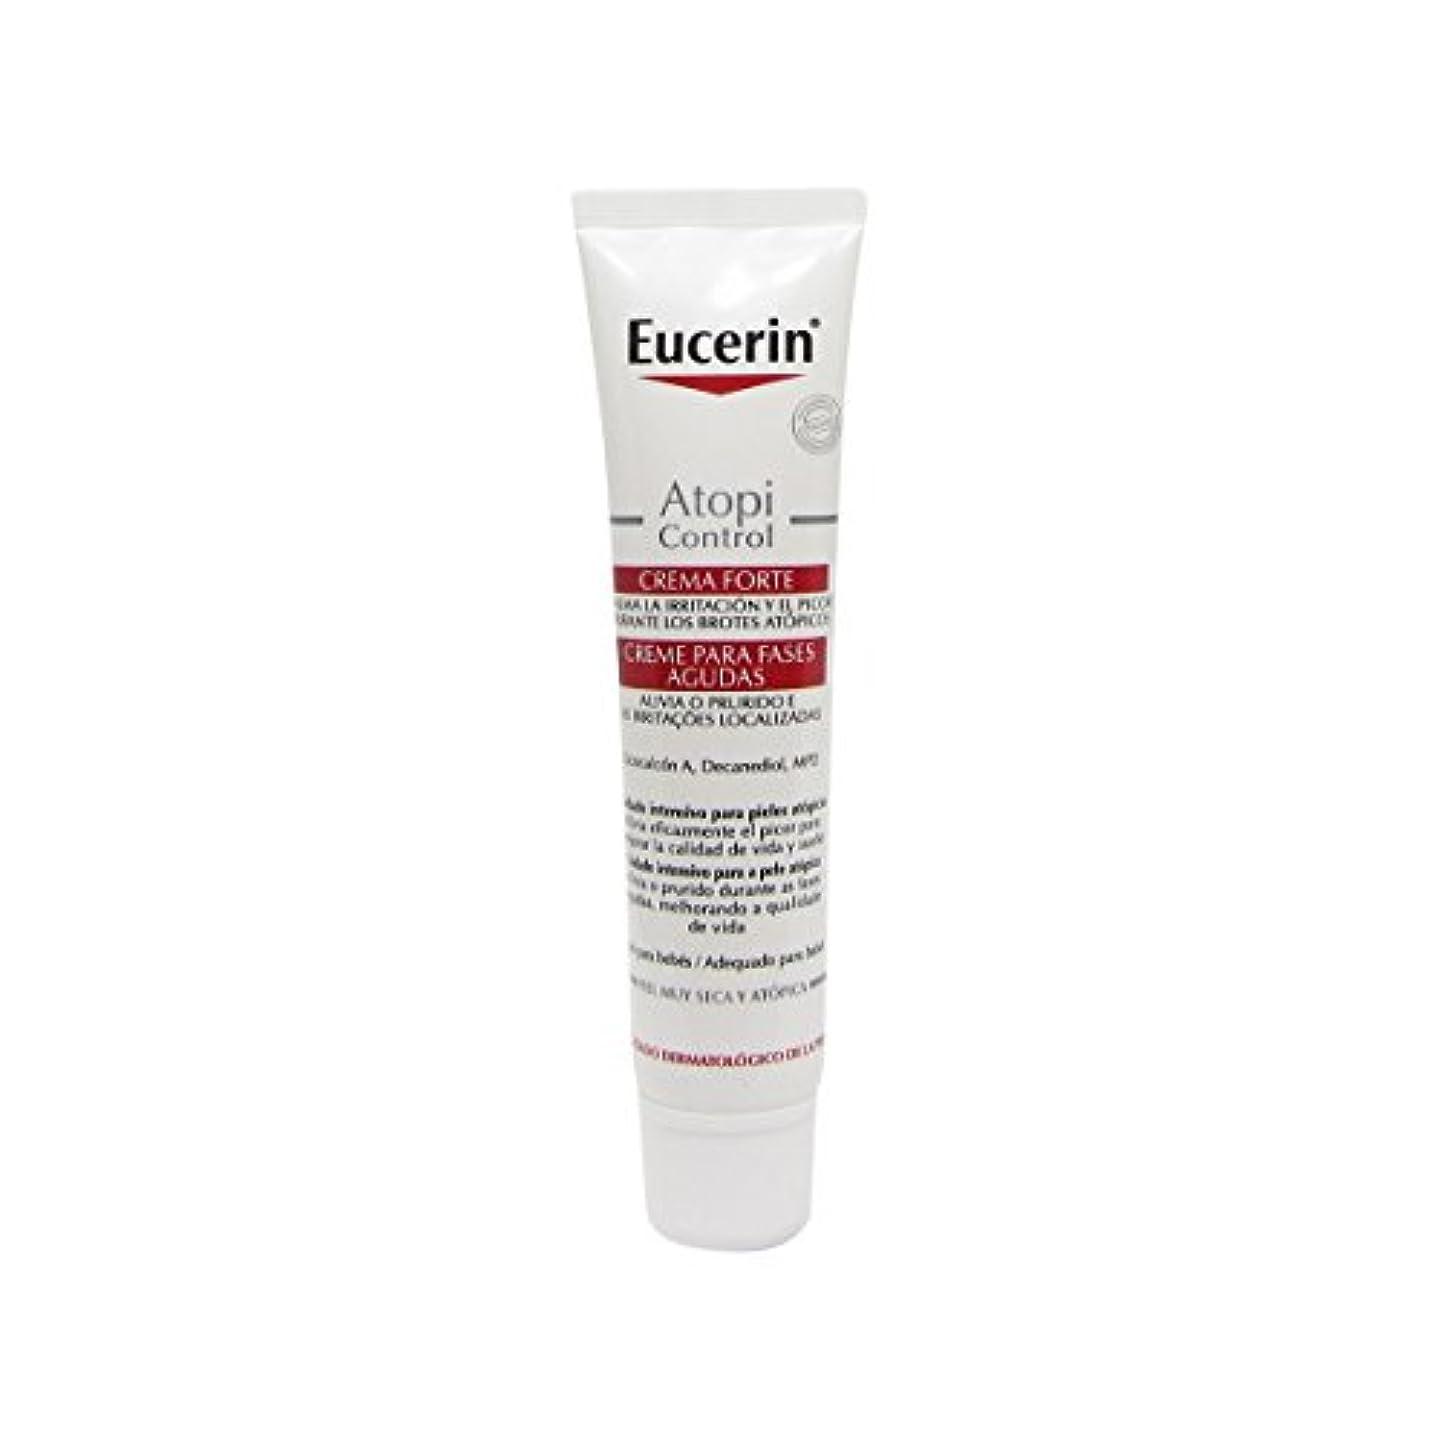 広まった乱雑な申込みEucerin Atopicontrol Acute Care Cream 40ml [並行輸入品]